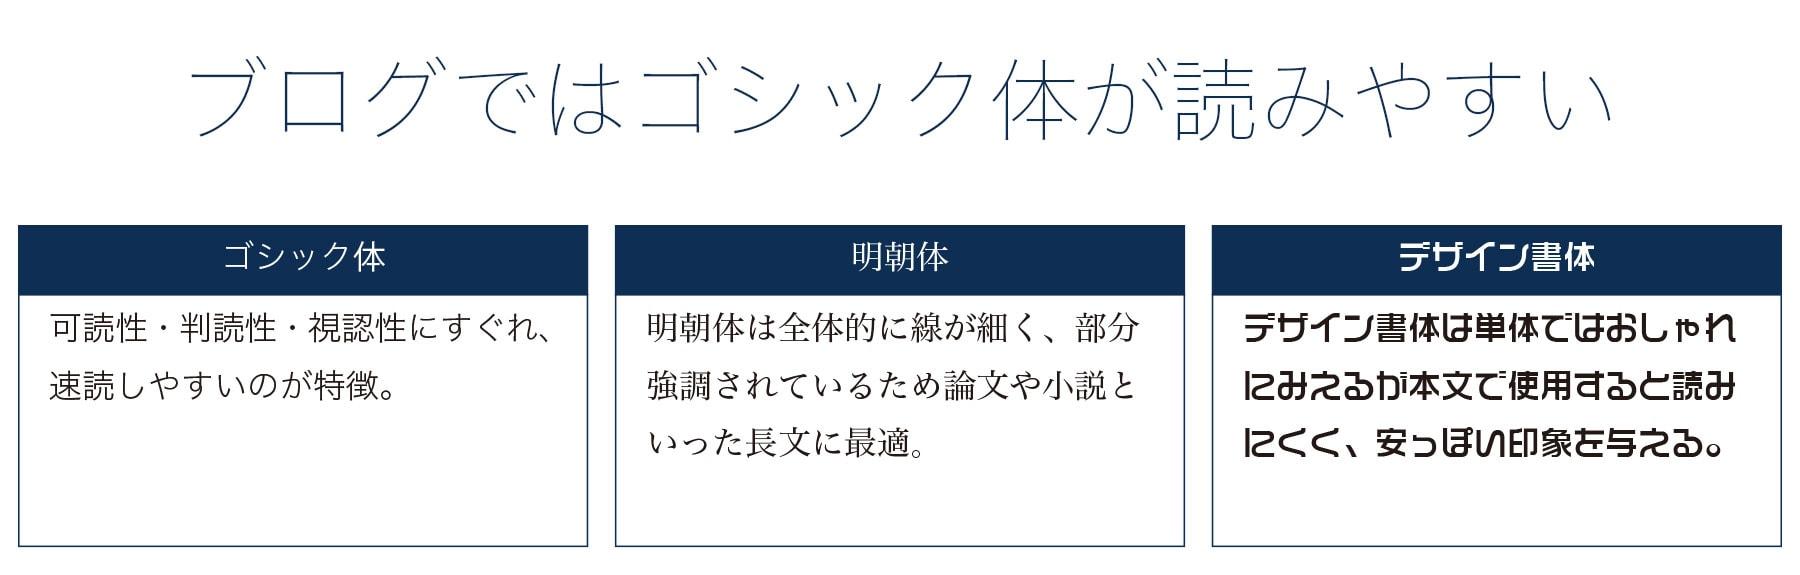 Webデザインで使用されるフォント2